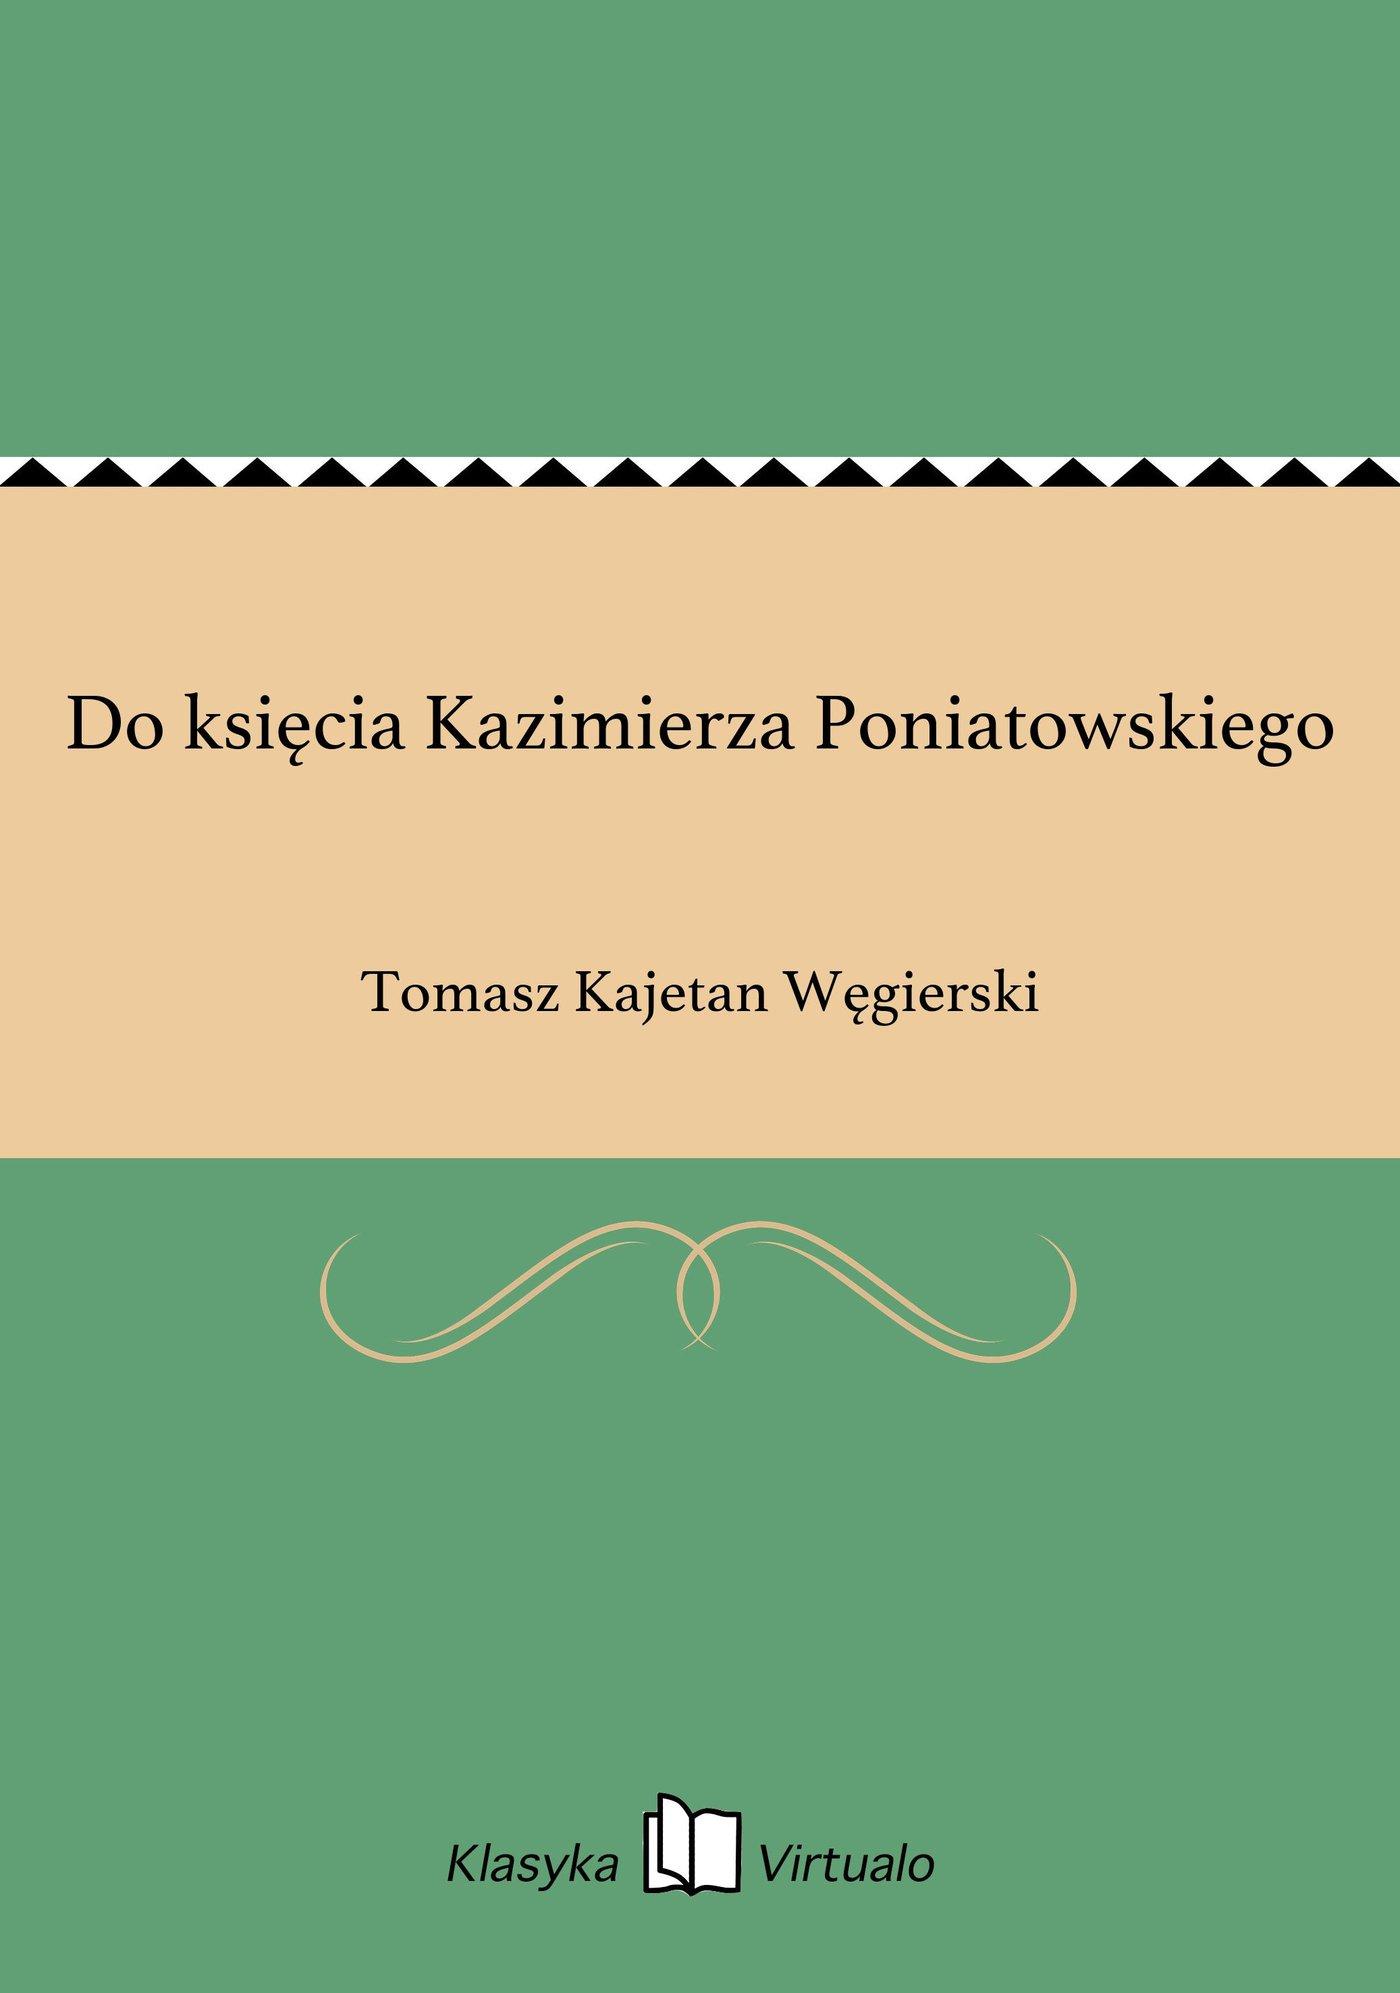 Do księcia Kazimierza Poniatowskiego - Ebook (Książka EPUB) do pobrania w formacie EPUB